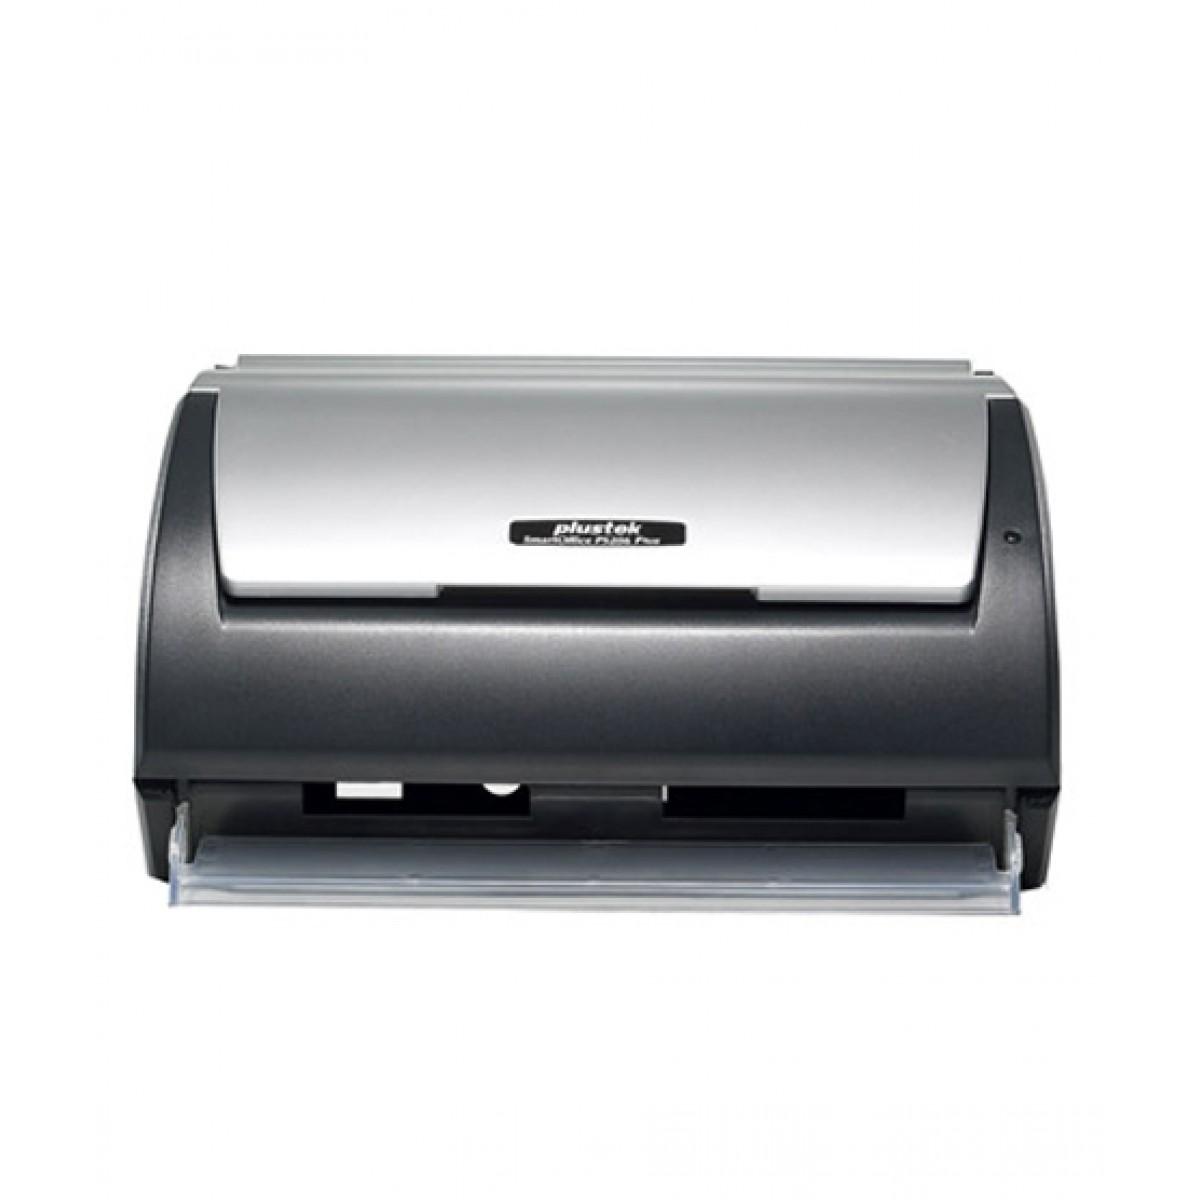 Plustek A4 SmartOffice PS286 Plus Desktop Scanner